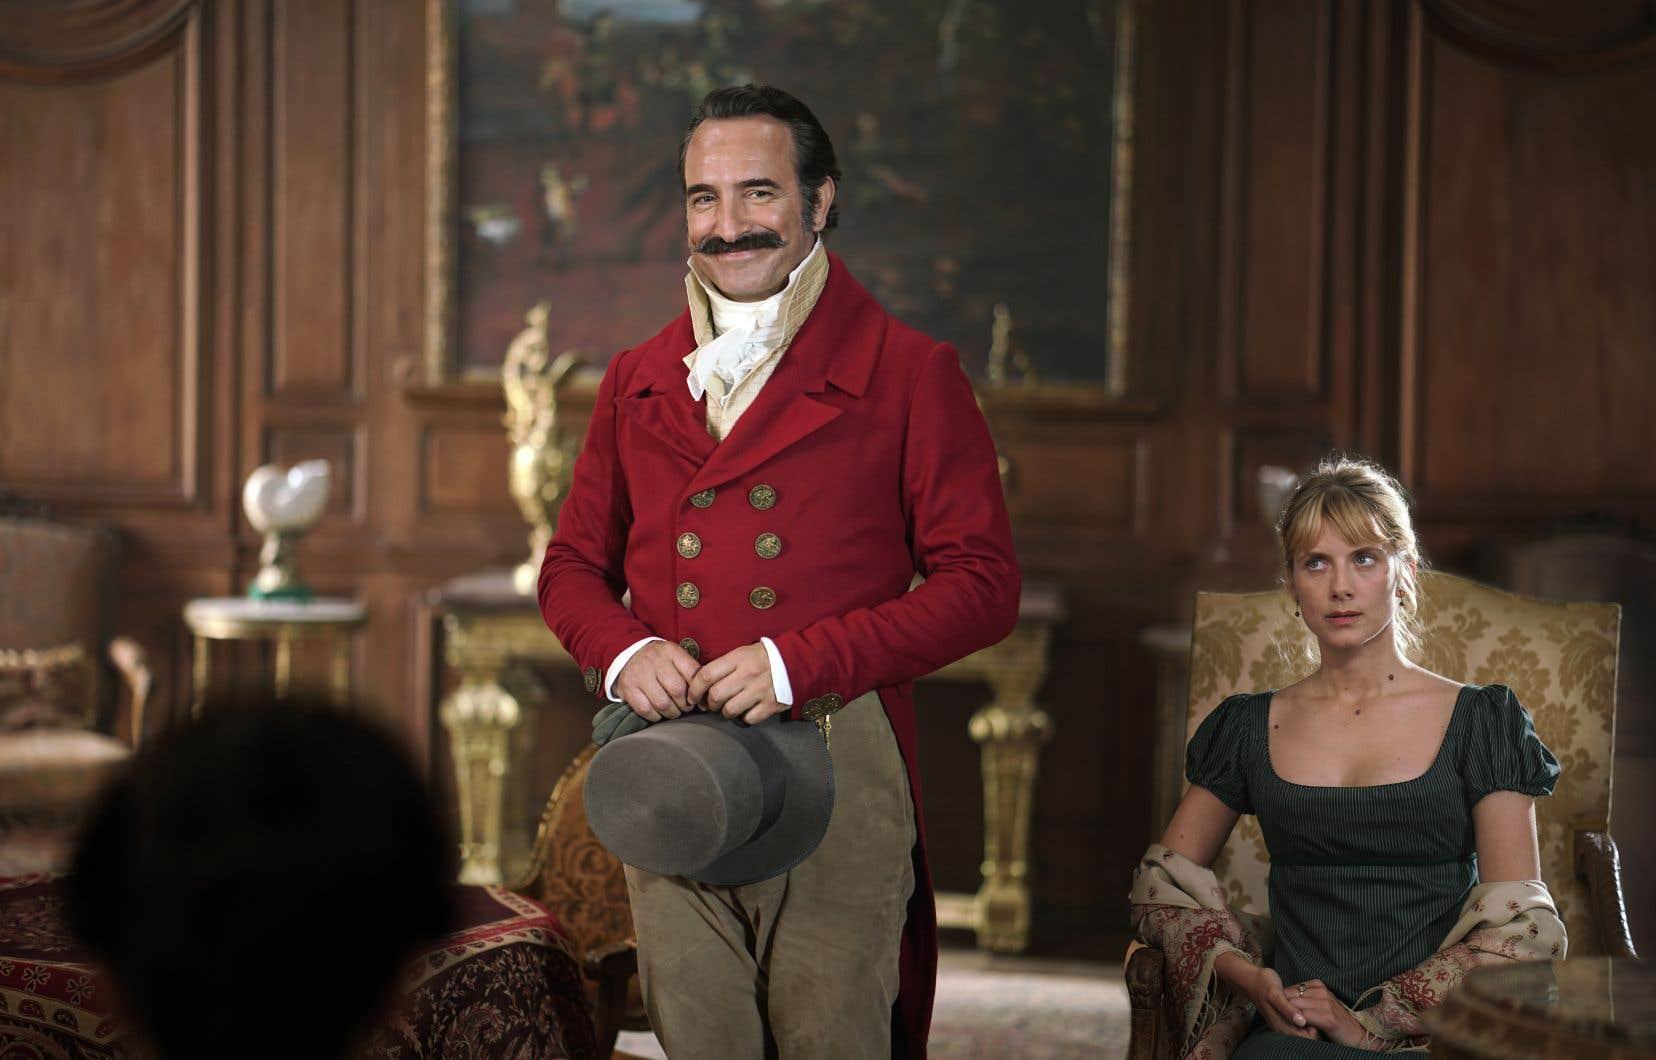 Jean Dujardinincarne un rôle taillé sur mesure, celui d'un capitaine ayant déserté l'armée et qui séduit son auditoire en lui servant des récits rocambolesques.